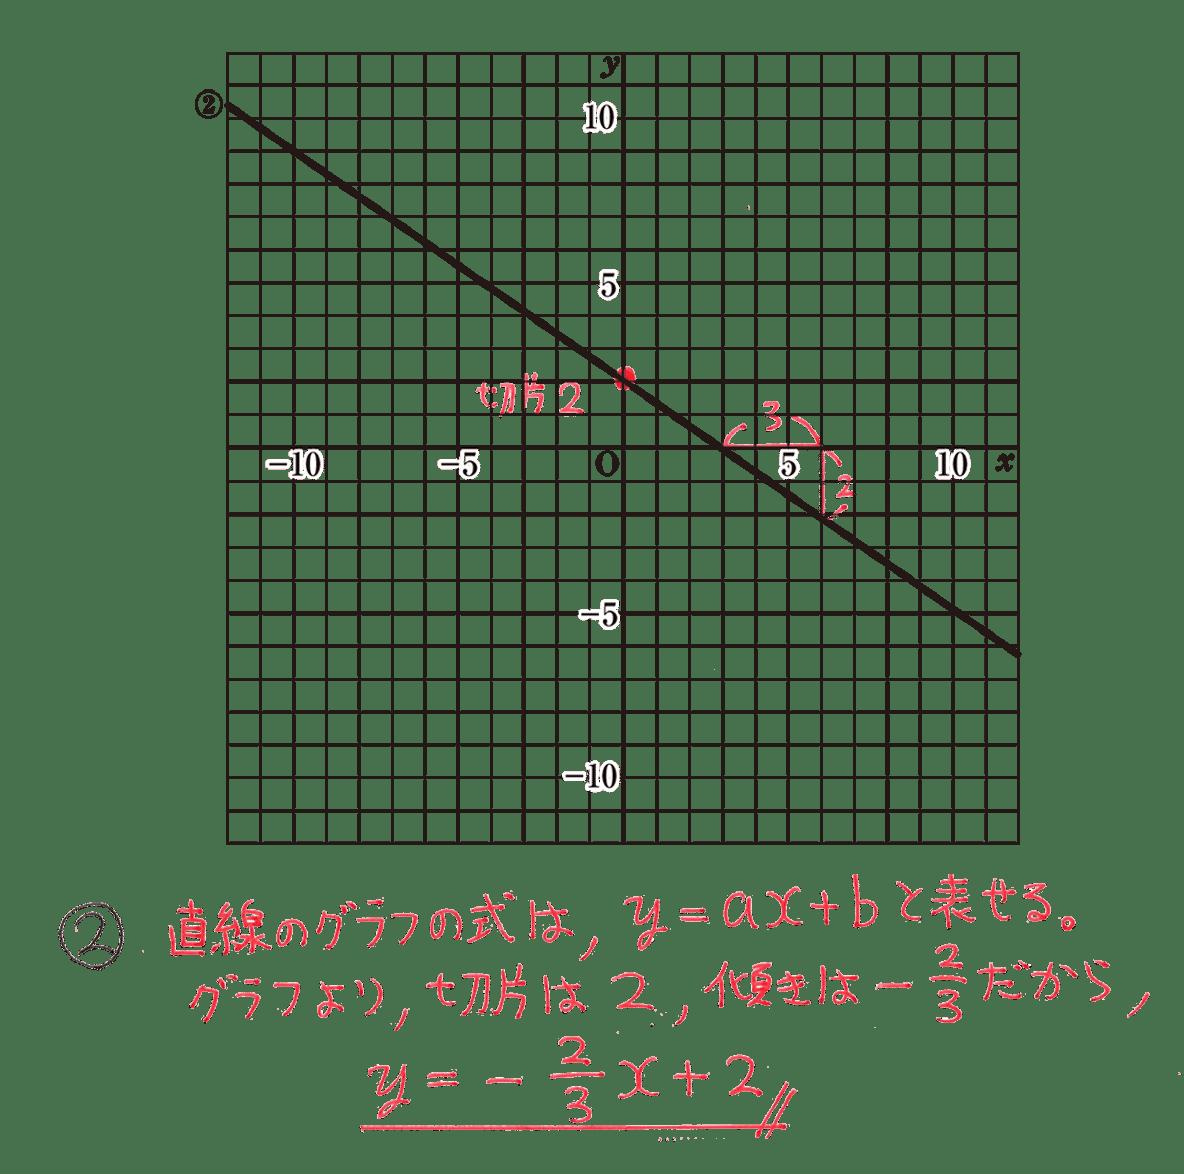 中2 数学112 練習②の答え